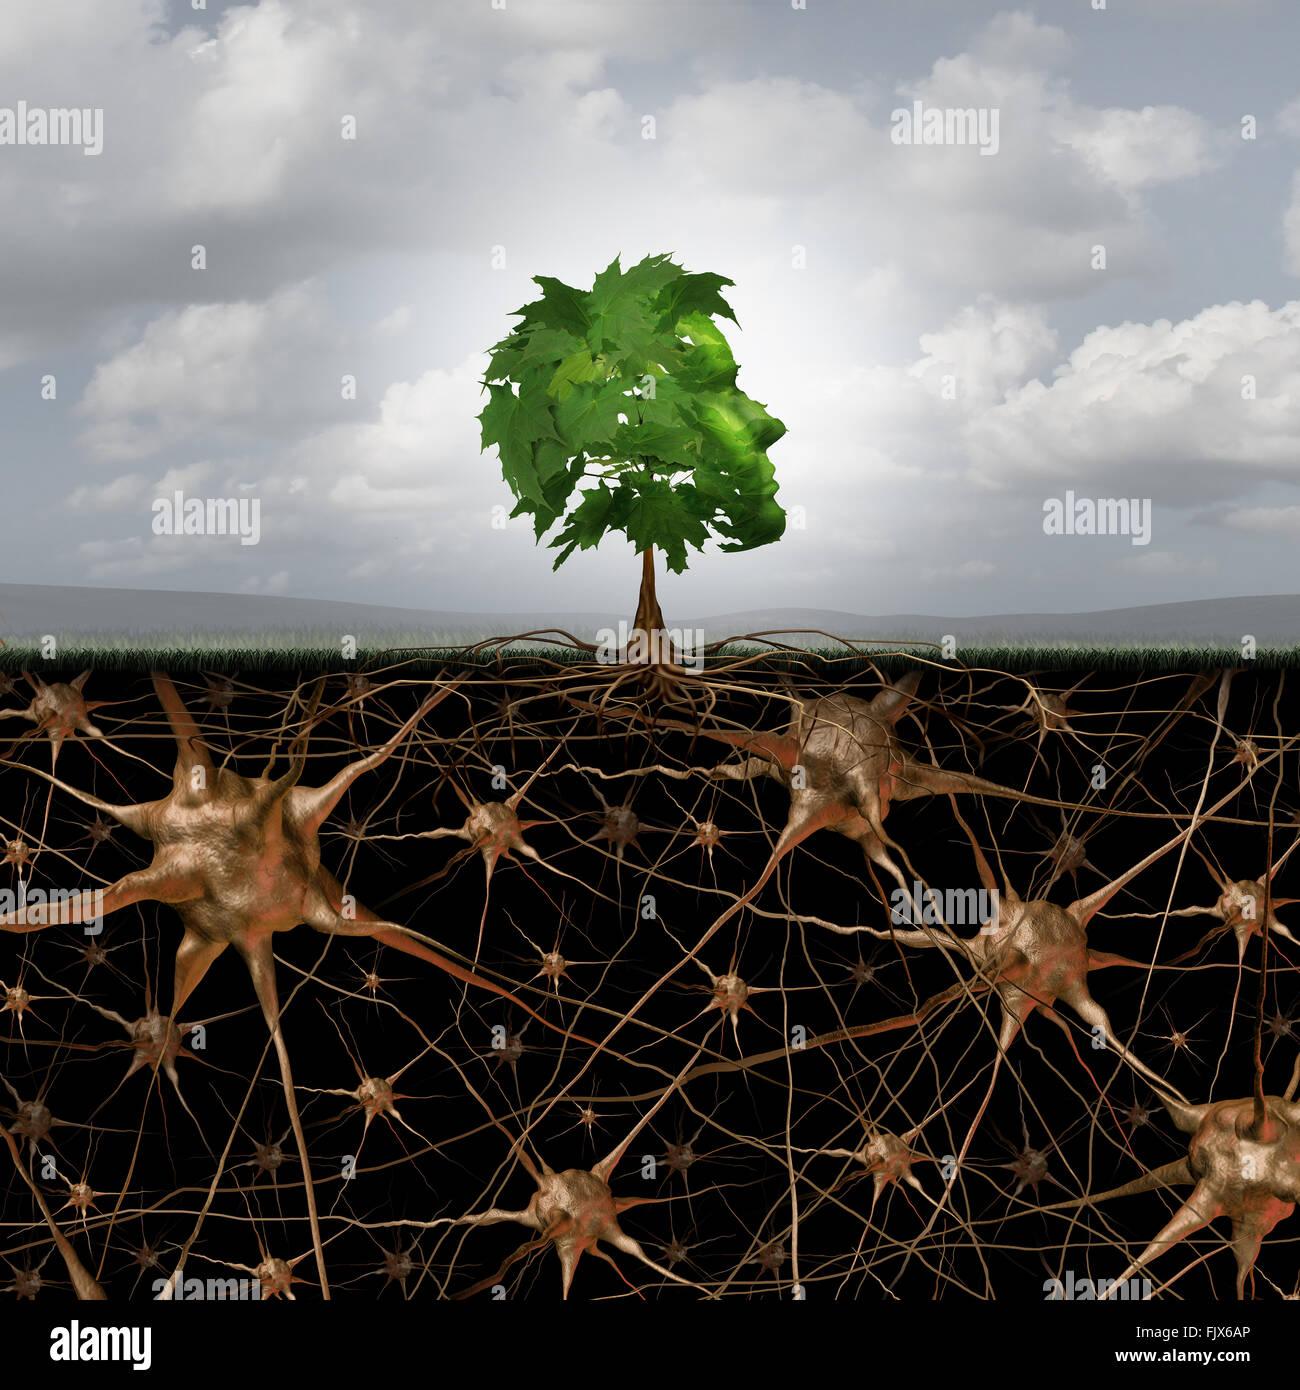 Neurone del cervello il concetto di connessione come un albero in una testa umana forma con radici conformato come Immagini Stock